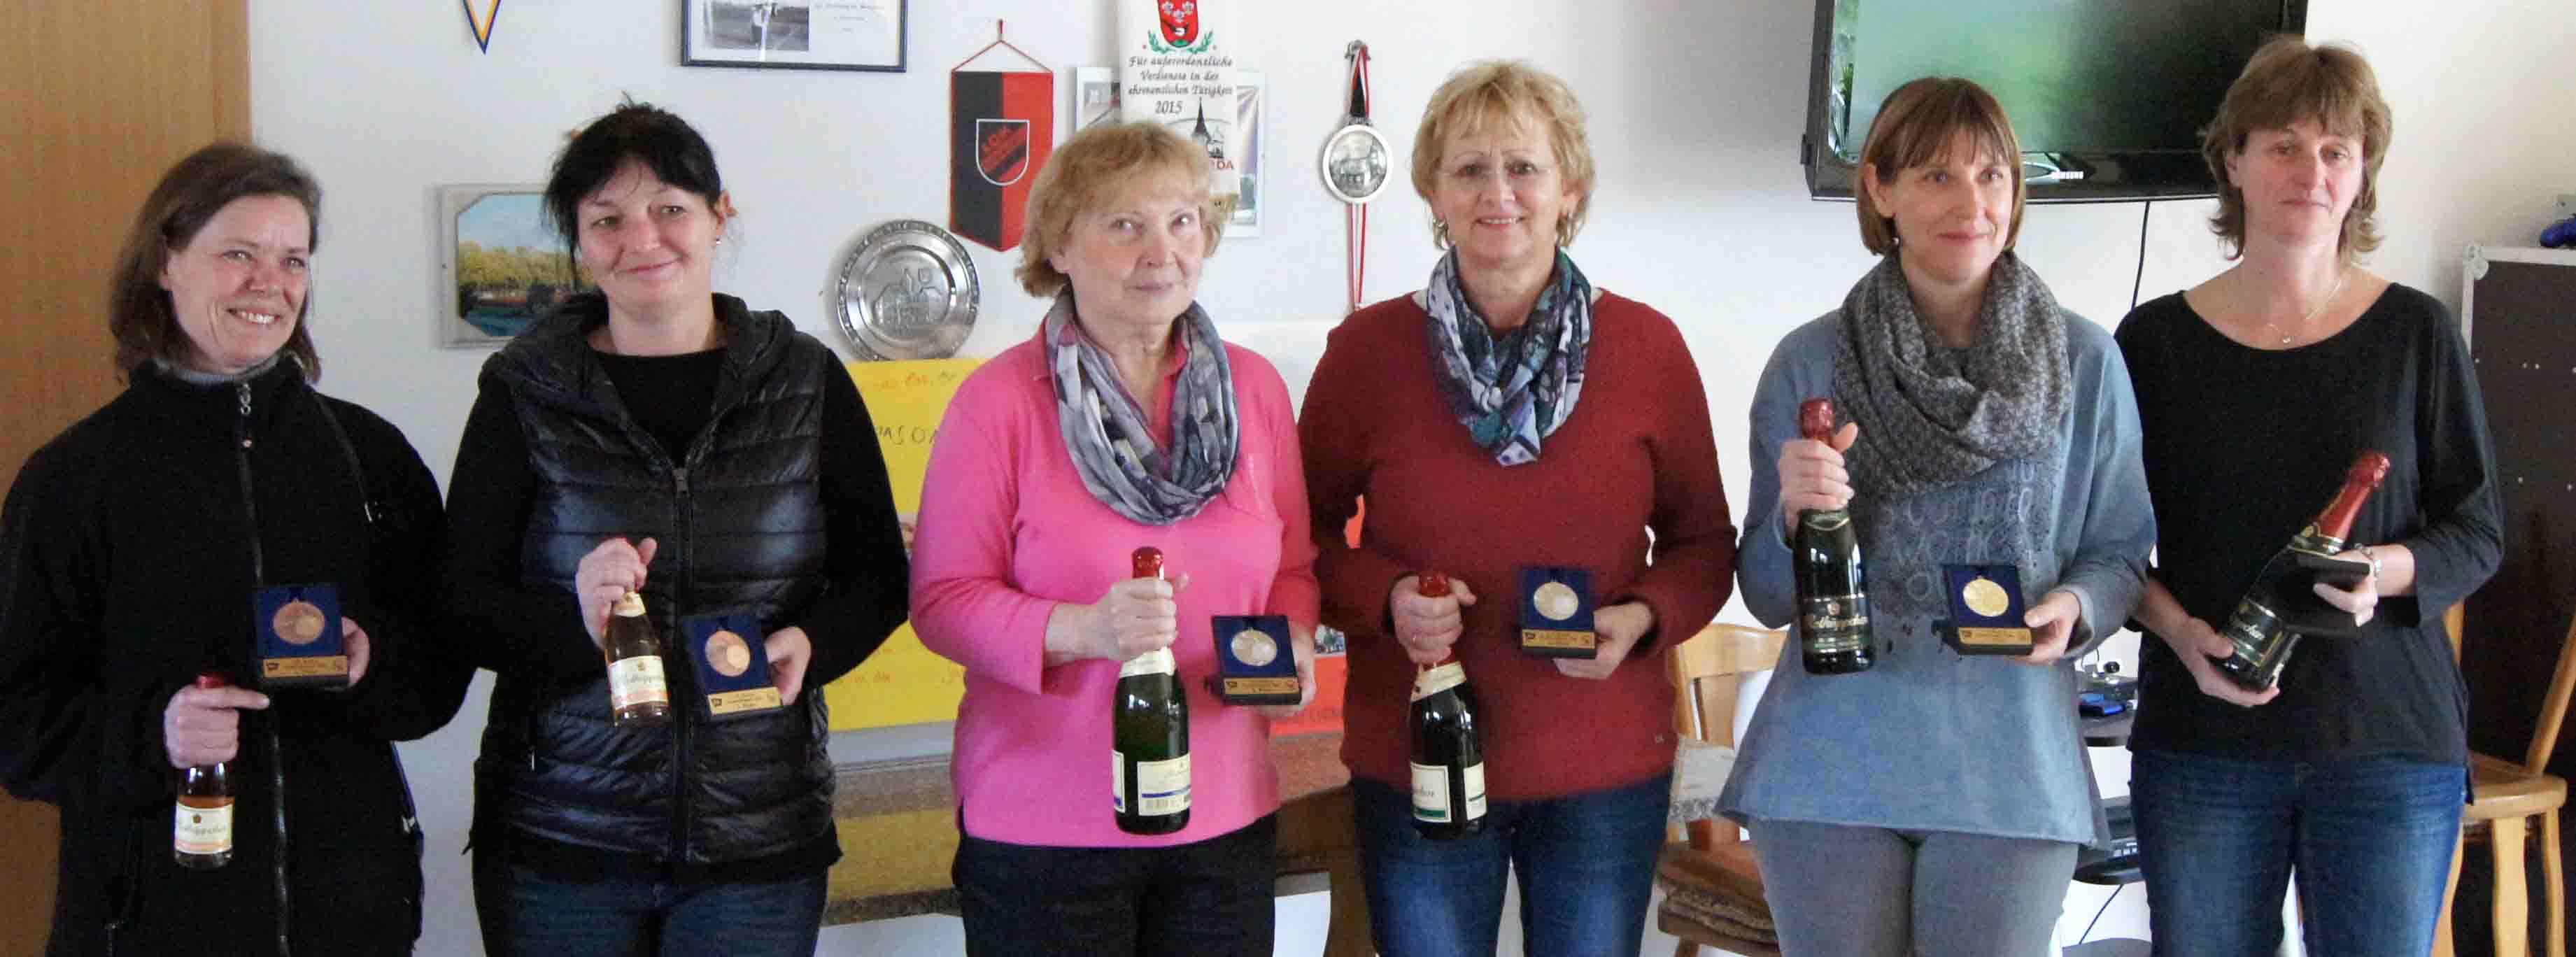 v.l.n.r.: Elke Griger und Kerstin Griger (Dresden), Marlies Wille und Gudrun Babinsky (Elsterwerda) sowie Katrin Rakette und Antje Weber (Halle)